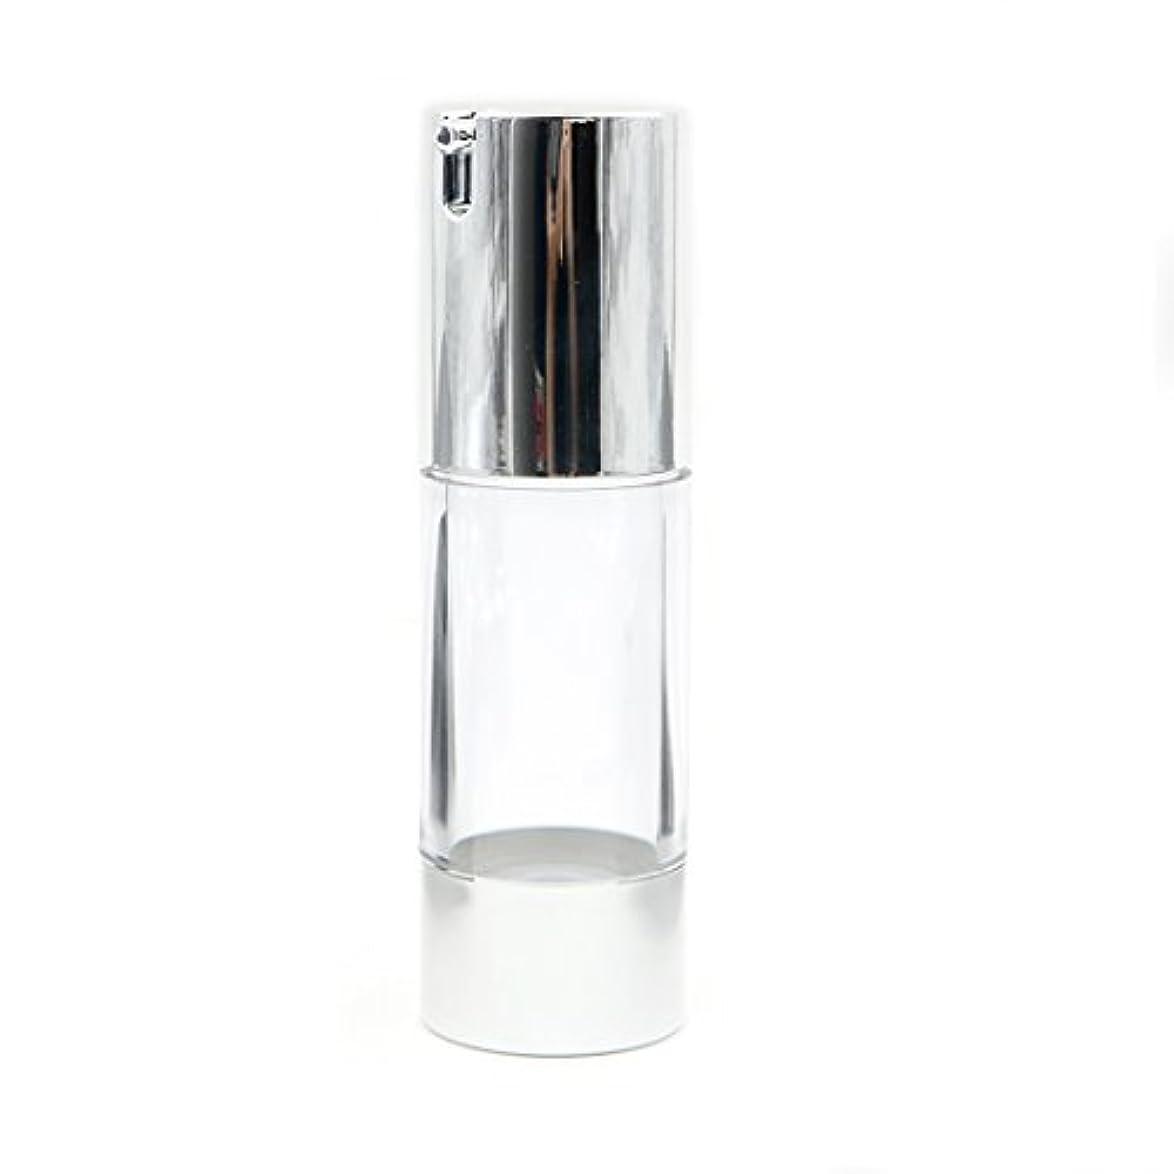 高潔なバルブ洗剤Angelakerry エアレス 容器 ホワイト 30ml 手作りコスメ 手作り化粧品 詰め替え容器 5本セット [並行輸入品]